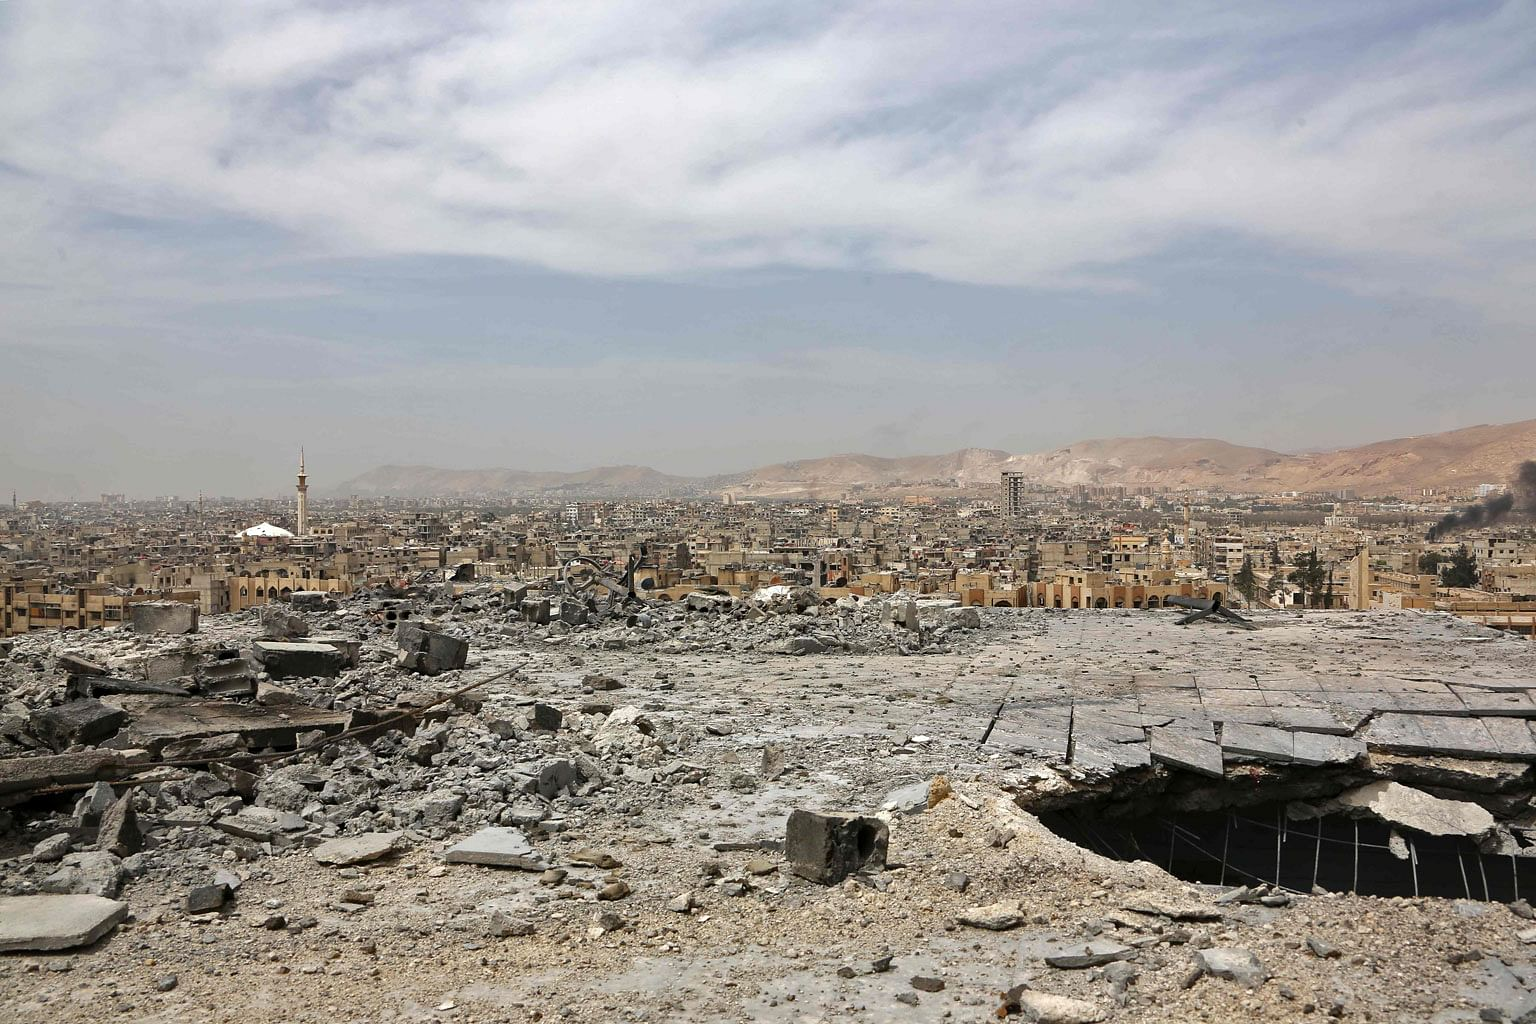 Penyiasat tangguh siasatan serangan kimia di Douma